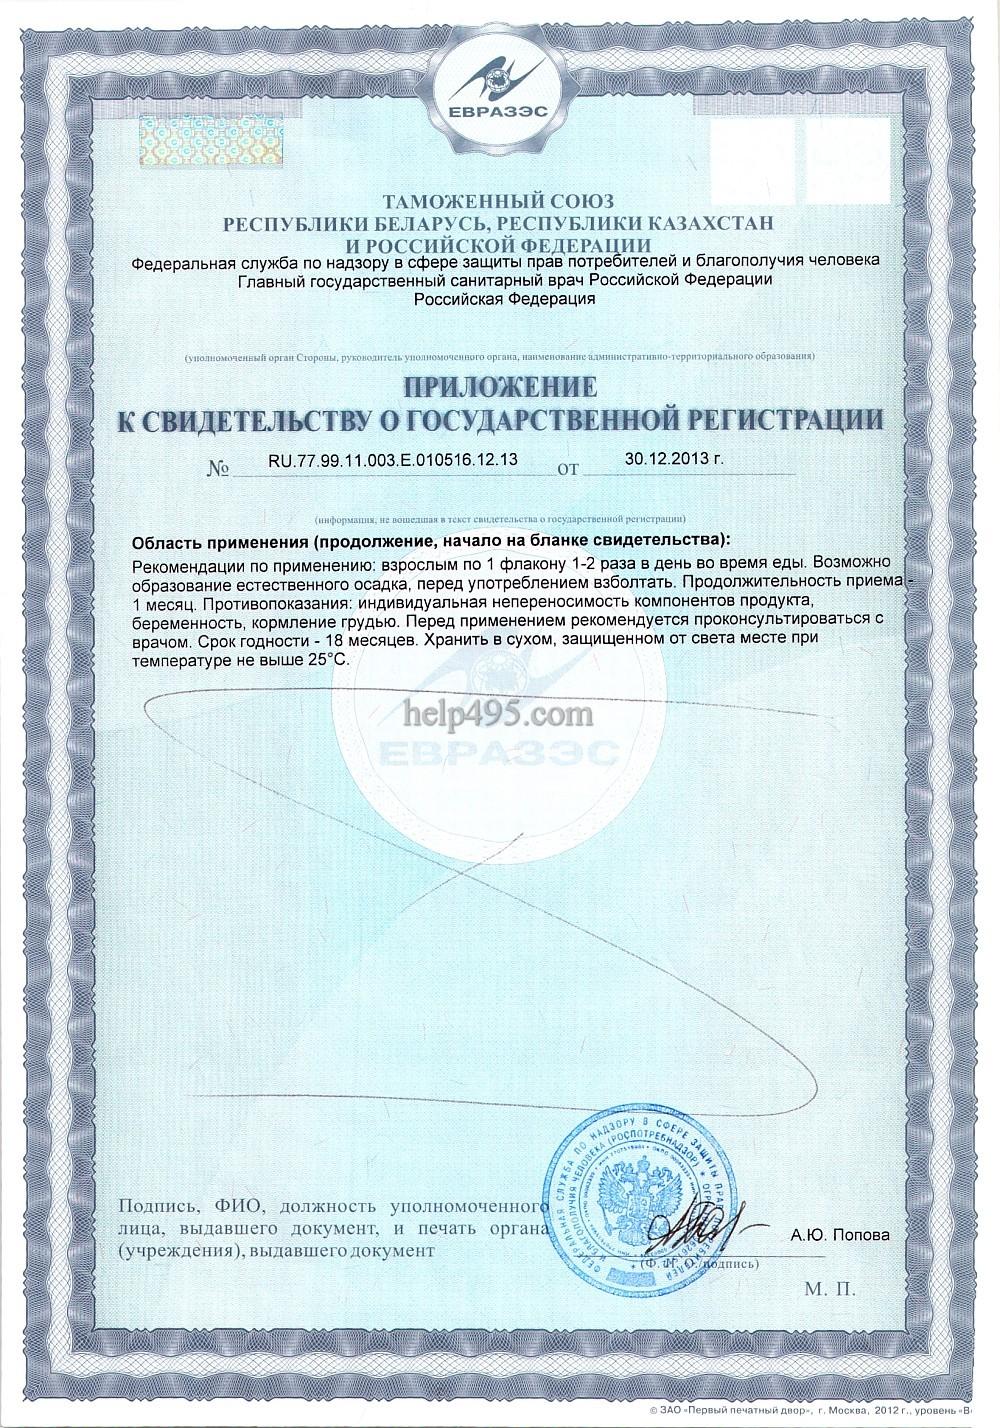 2-ая страница сертификата энергетического напитка Тай Нэн